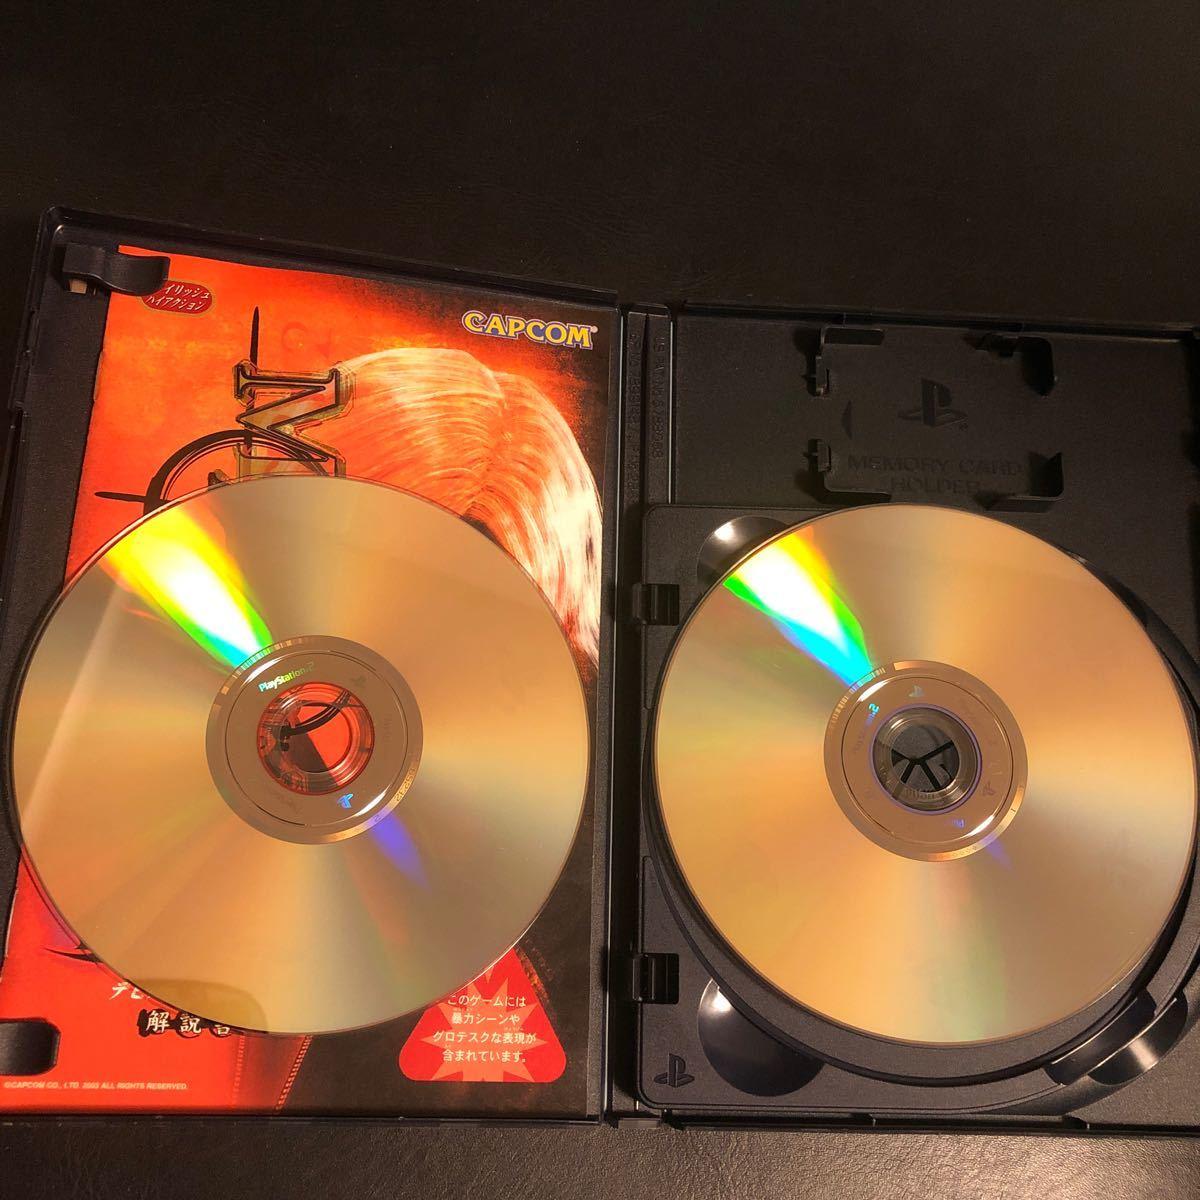 デビルメイクライ デビルメイクライ2 ソフト 2枚セット PS2 PS2ソフト プレイステーション2 PlayStation2